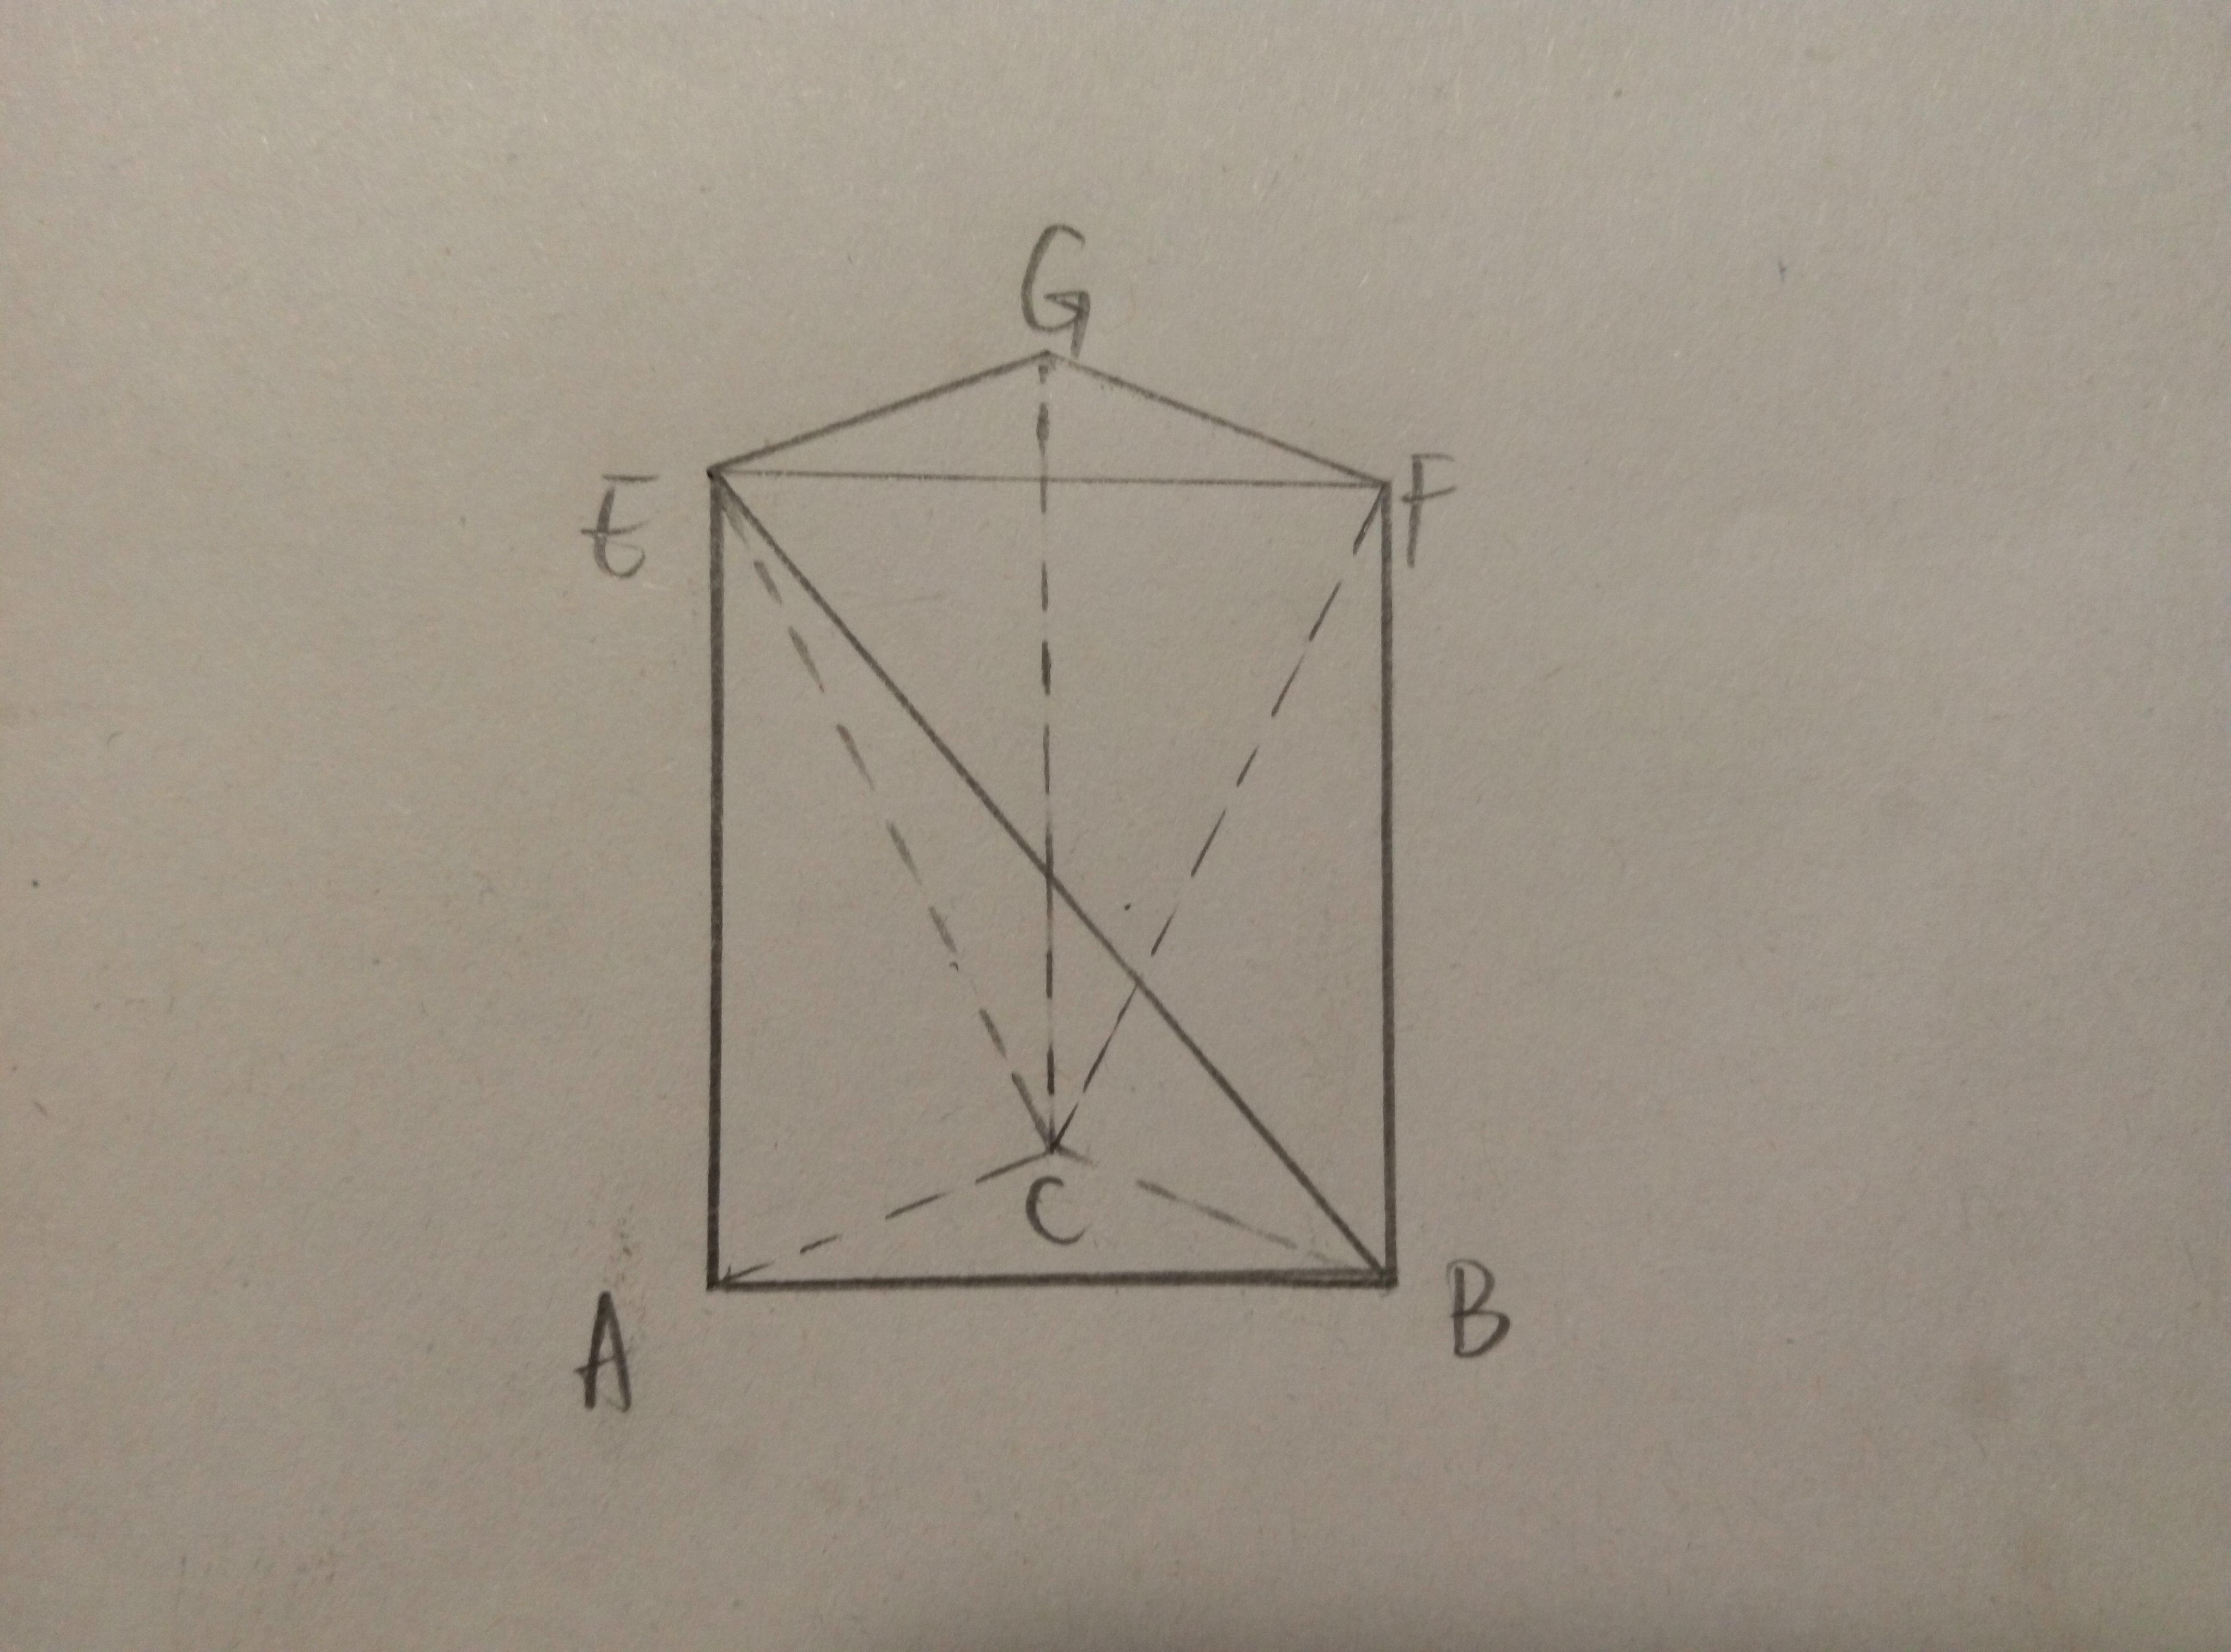 如何用两个截面把一个三棱柱截成三个三棱锥